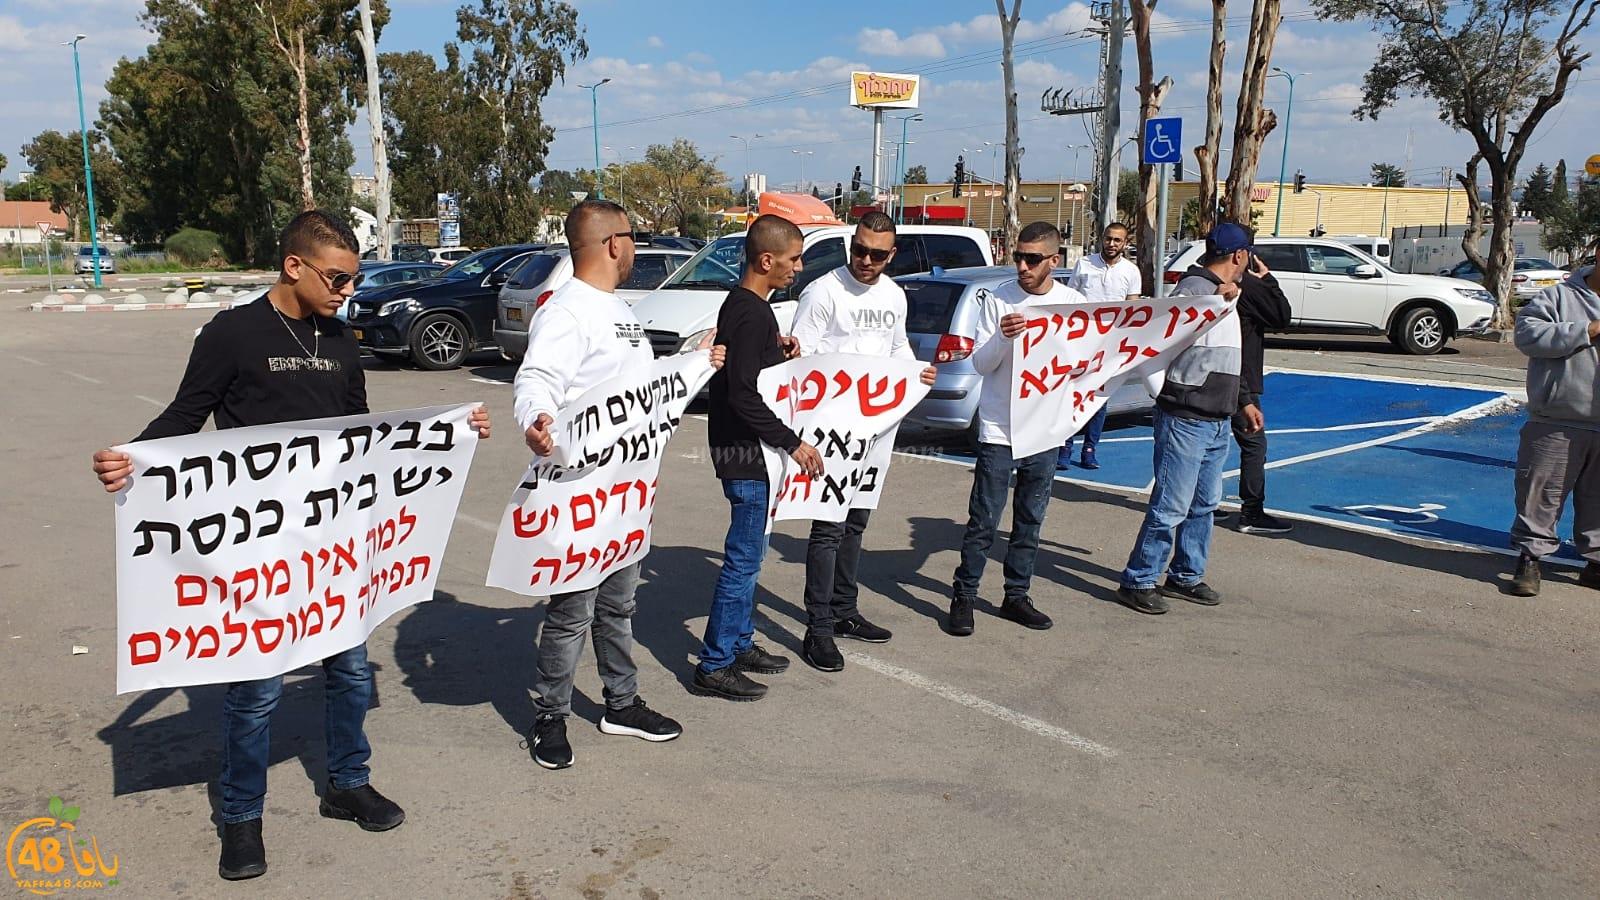 فيديو: تظاهرة تضامناً مع الأسرى في مدينة الرملة